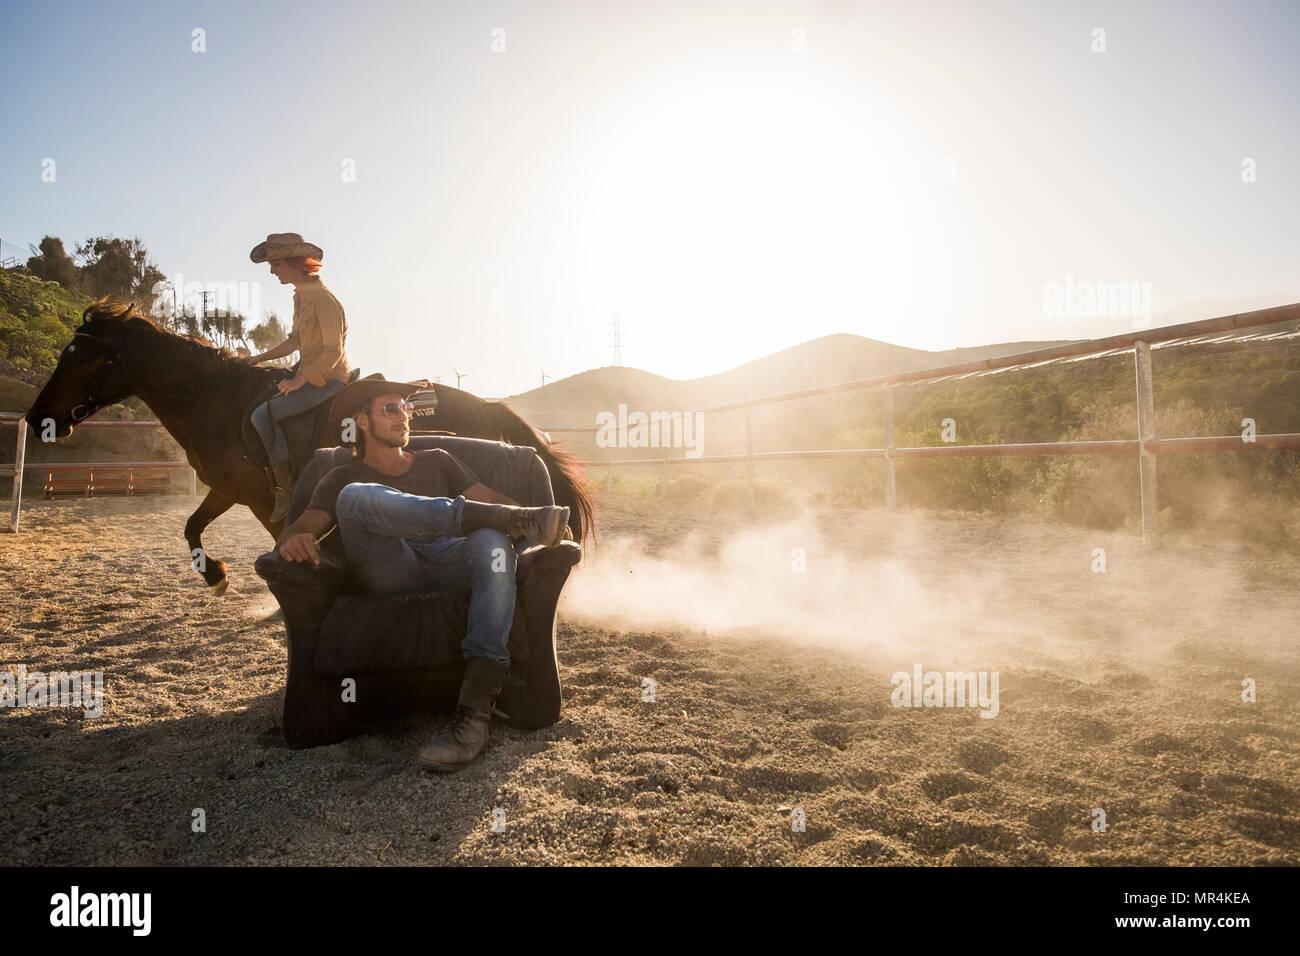 Paire de très beaux l'homme et de la femme ensemble. elle chevauche un cheval faire la poussière avec rapidité et il reste à s'asseoir sur la chaise au milieu de la voie Photo Stock